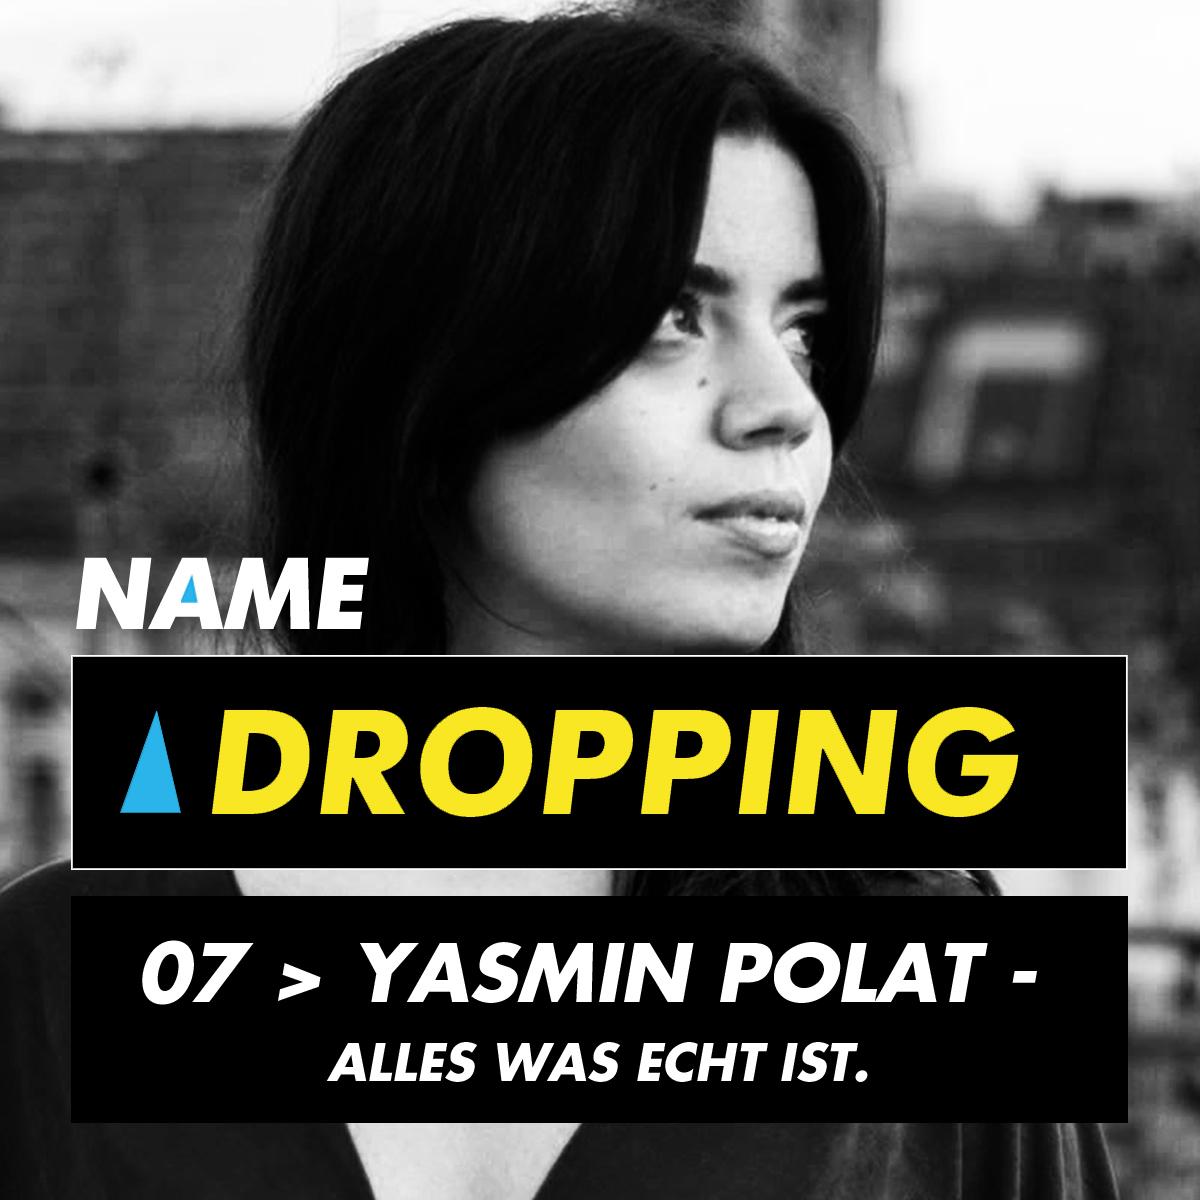 Yasmin Polat